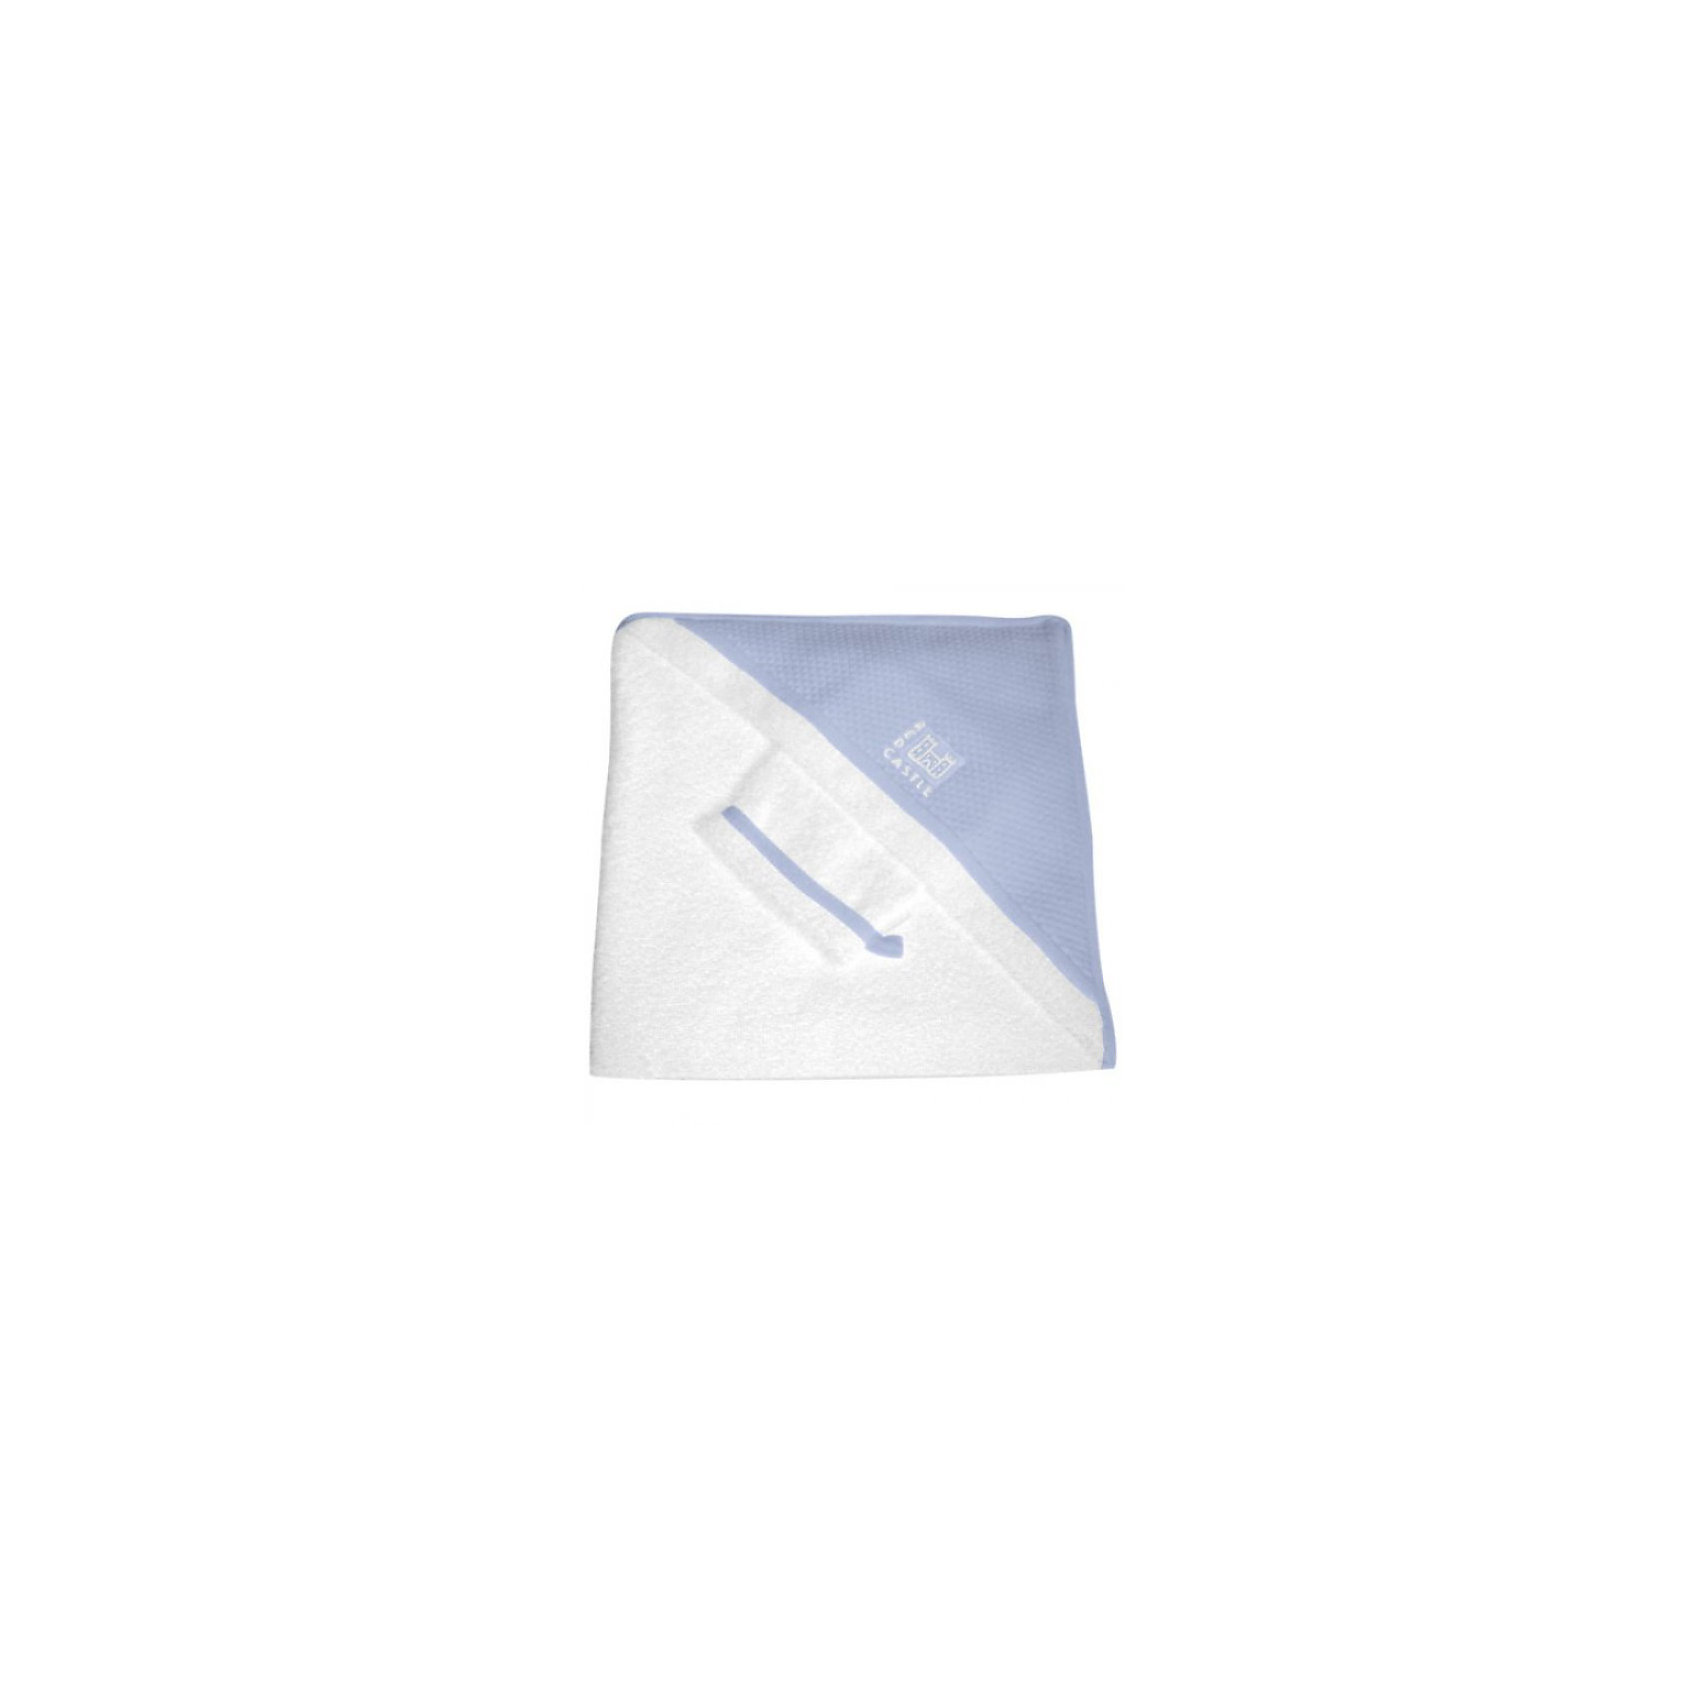 Махровое полотенце с уголком + варежка, Red Castle, голубойУголок-полотенце из нежной, хорошо впитывающей влагу высококачественной махровой ткани (400 г).<br><br>Благодаря большому размеру - 100 x 100 см, что почти в 2 раза больше обычных полотенец (1м? вместо 0,56 м? для размера 75 x 75 см) и уголку, покрытому фирменным хлопком Fleur de Coton, ребенок хорошо завернут и остается в тепле. Благодаря красивой упаковке, уголок-полотенце с варежкой будет идеальным подарком к рождению малыша.<br><br>Дополнительная информация:<br><br>- Размеры: 100 x 100 см<br>- Материал: хлопок<br>- Цвет: бело-голубой<br><br>Ширина мм: 340<br>Глубина мм: 40<br>Высота мм: 340<br>Вес г: 700<br>Цвет: голубой/белый<br>Возраст от месяцев: 0<br>Возраст до месяцев: 24<br>Пол: Унисекс<br>Возраст: Детский<br>SKU: 3170656